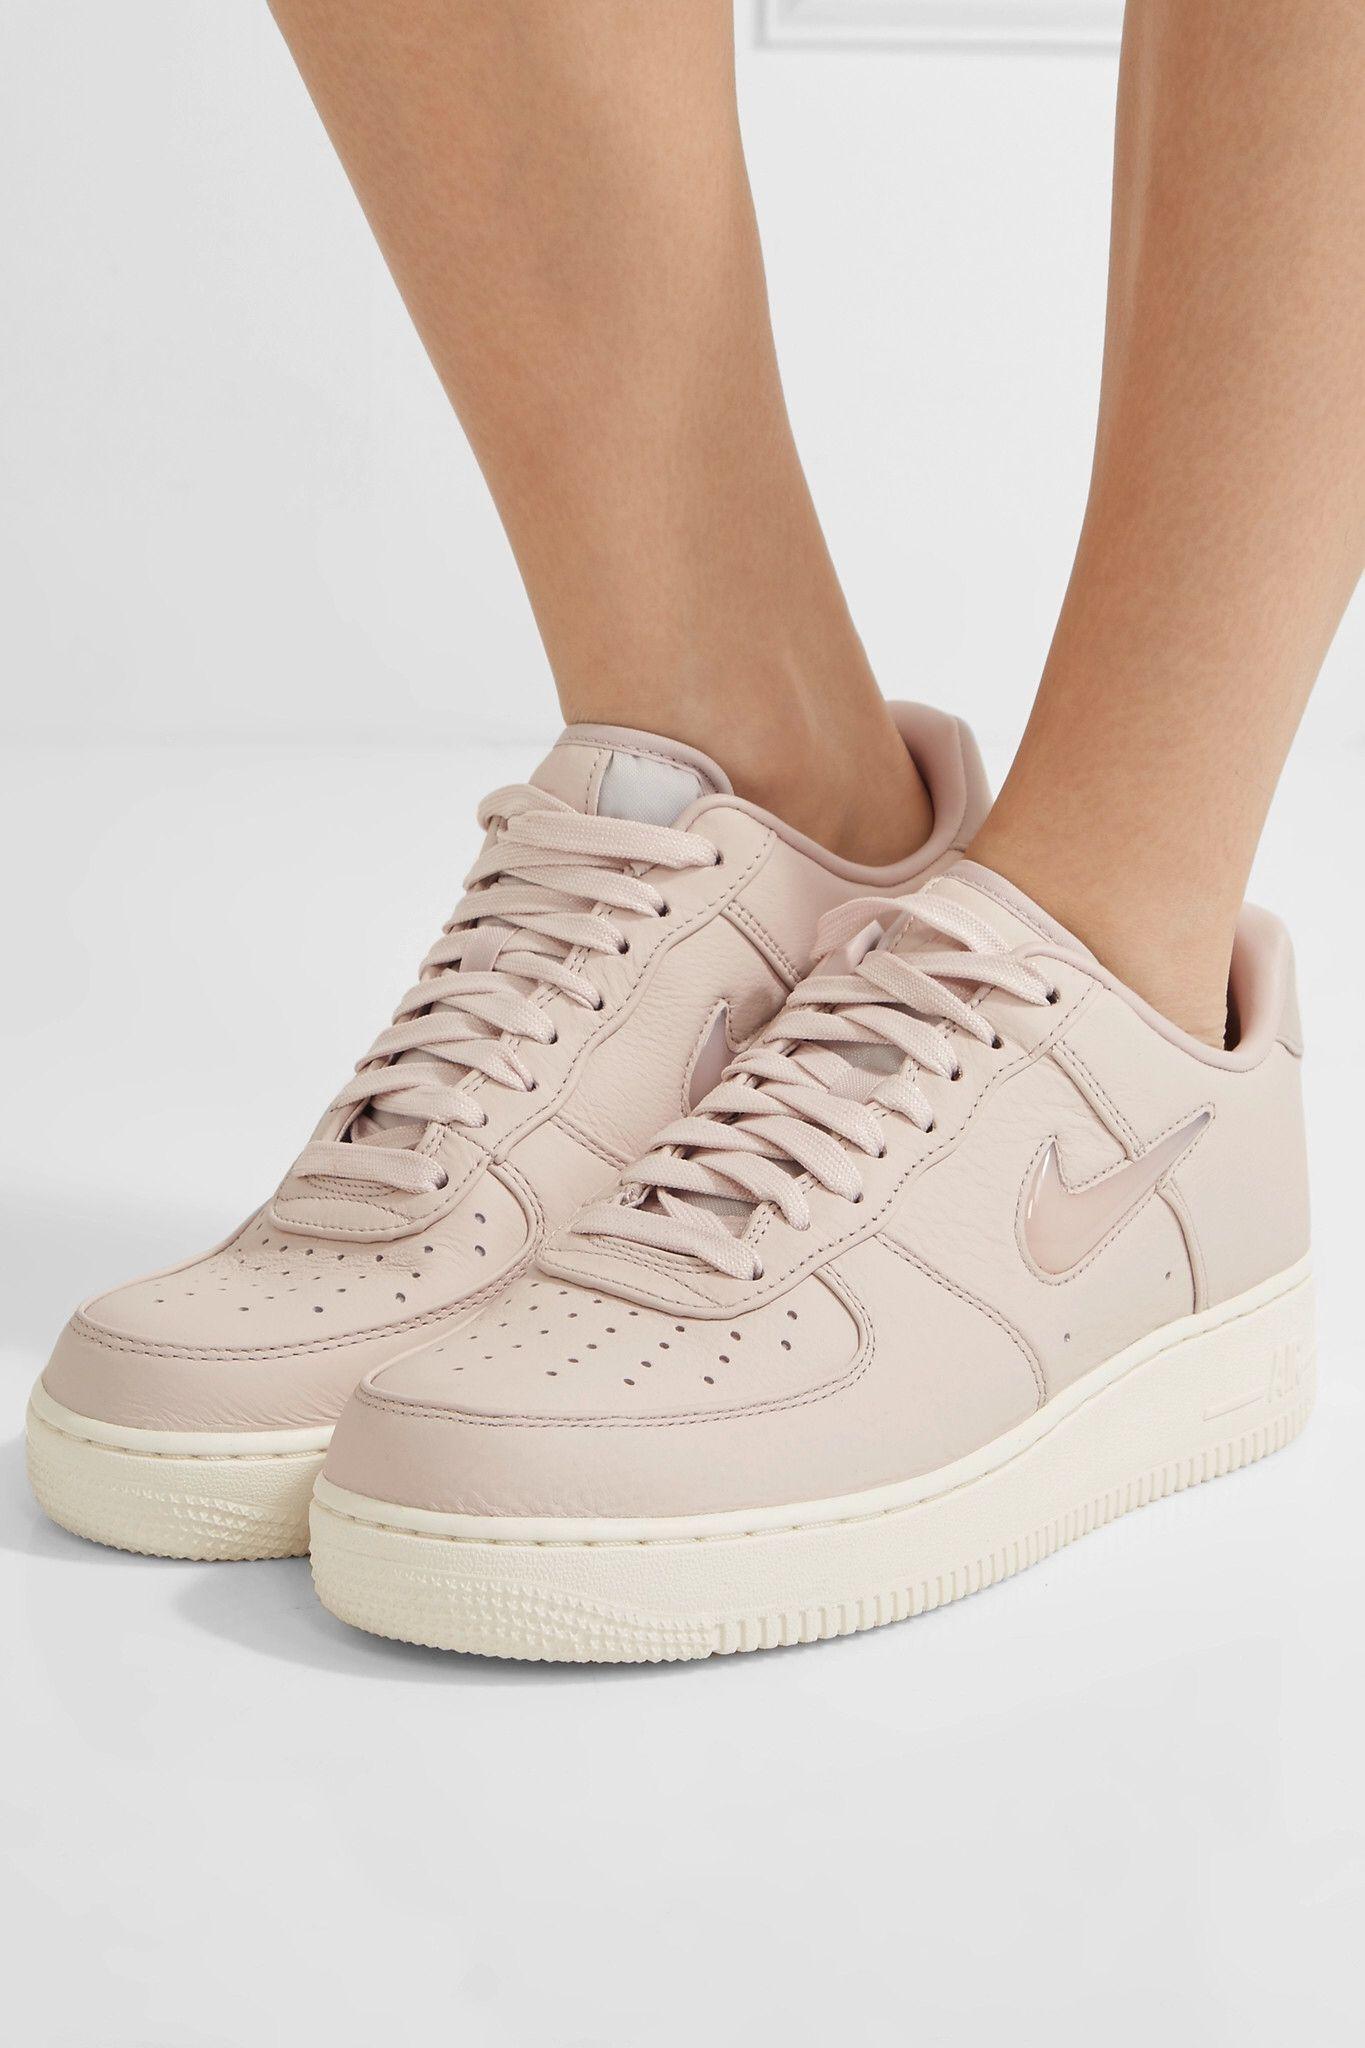 Pastel Pink Nikelab Air Force 1 Leather Sneakers Nike Sneakers Leather Sneakers Nike